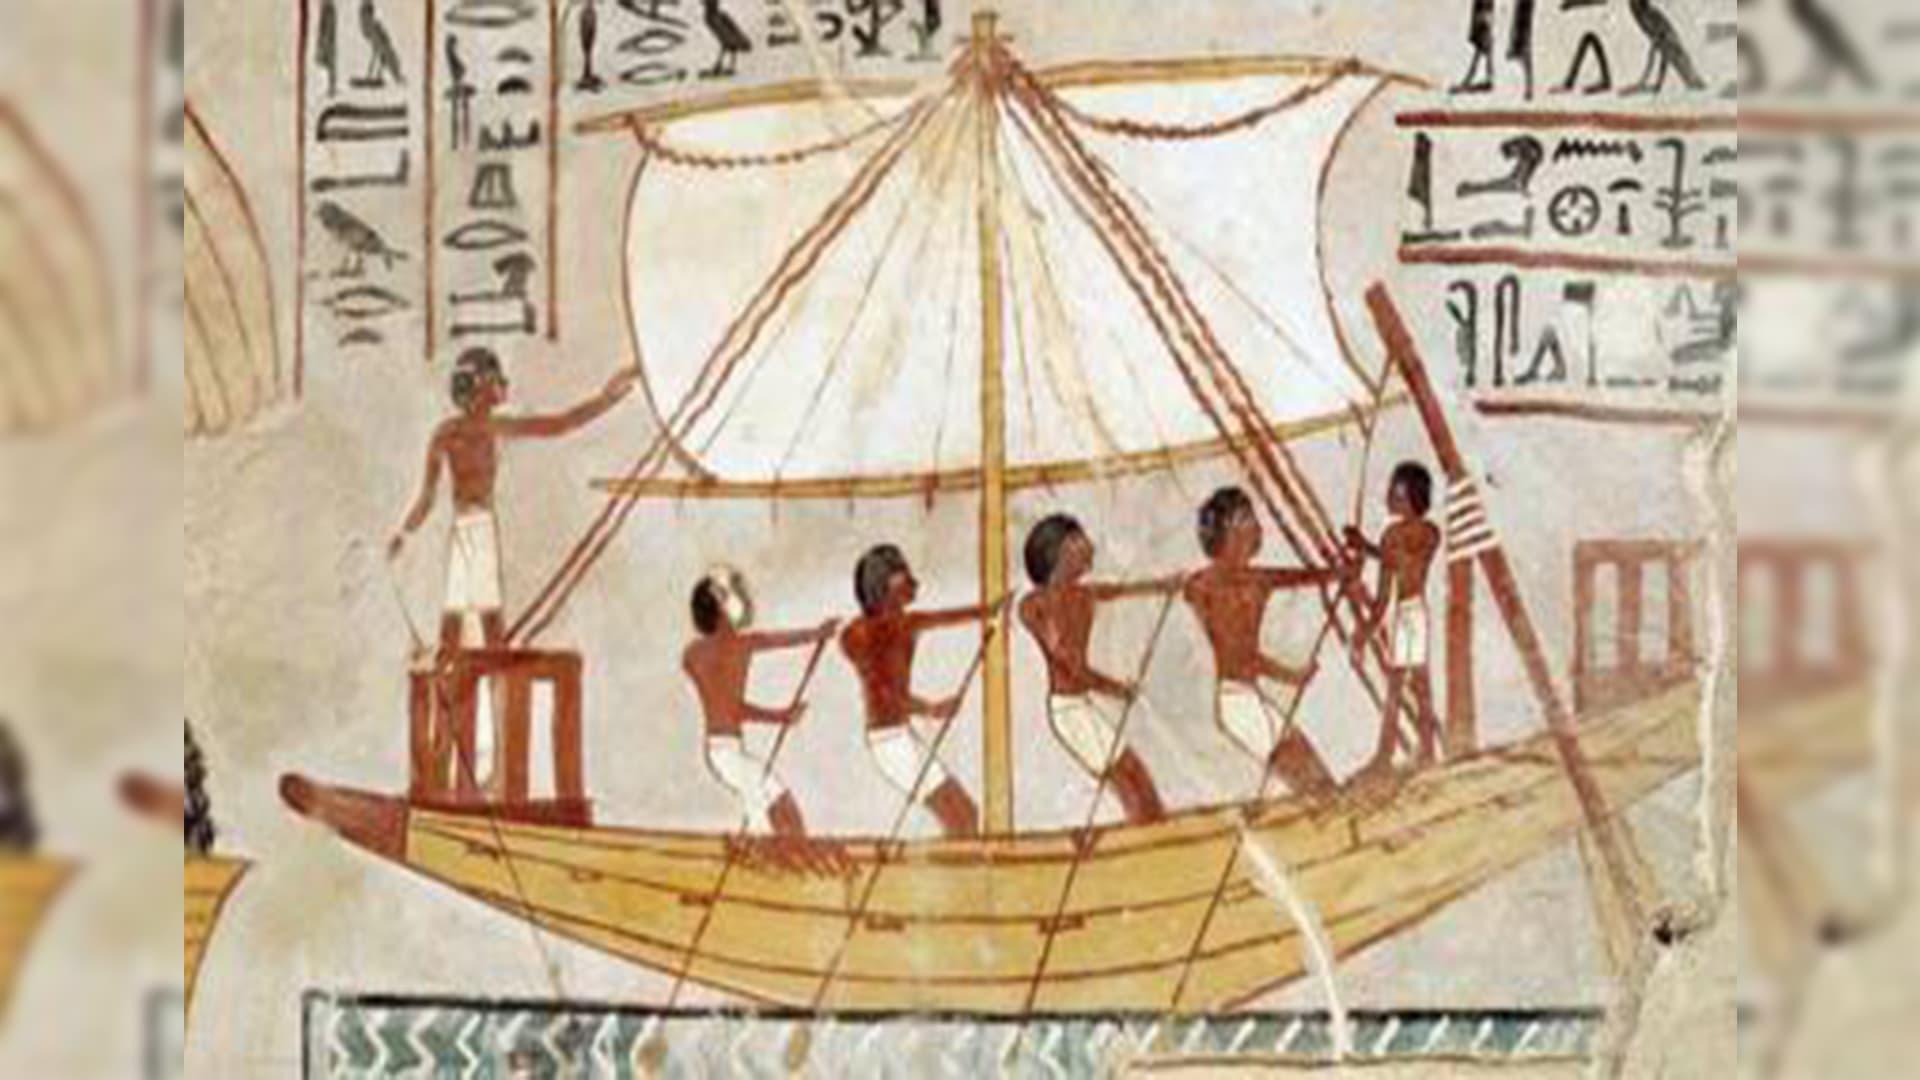 """في ذكرى يوم """"وفاء النيل""""..تعرّف إلى أسطورة إلقاء المصريين القدماء لعروس احتفالاً بالمناسبة"""